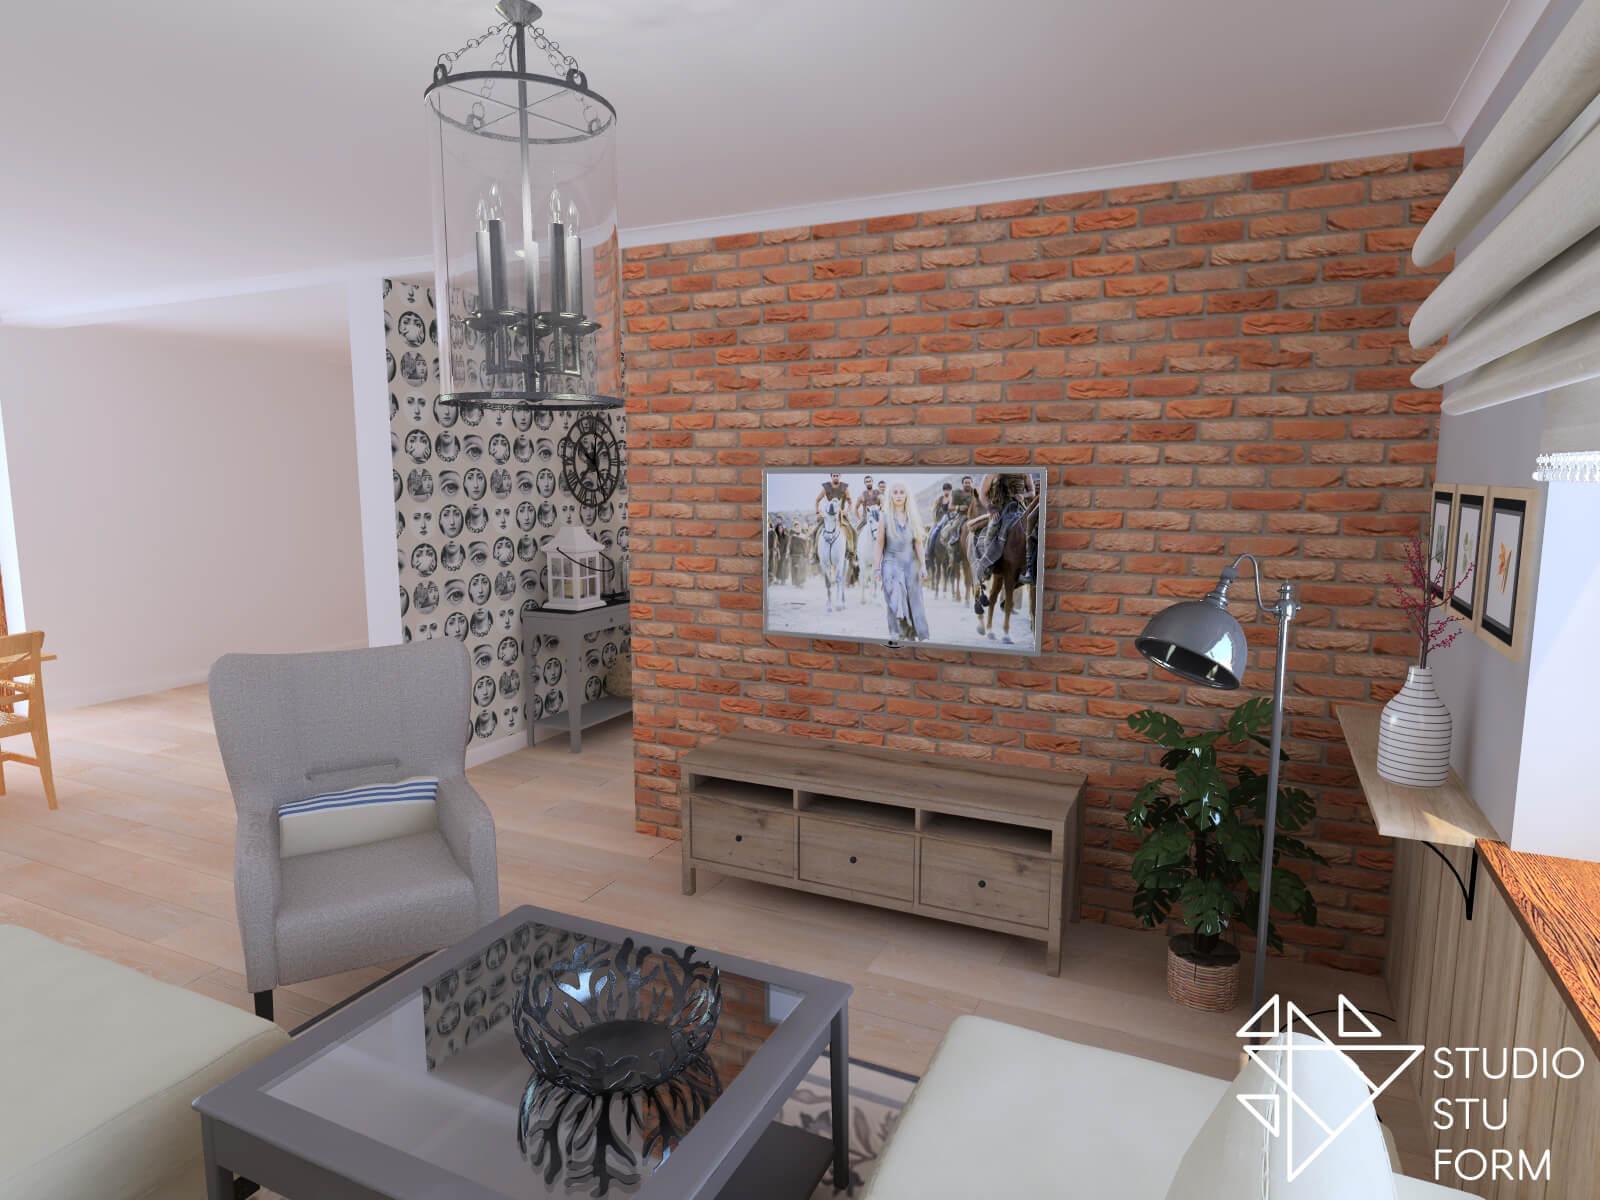 Salon z ścianą z cegły